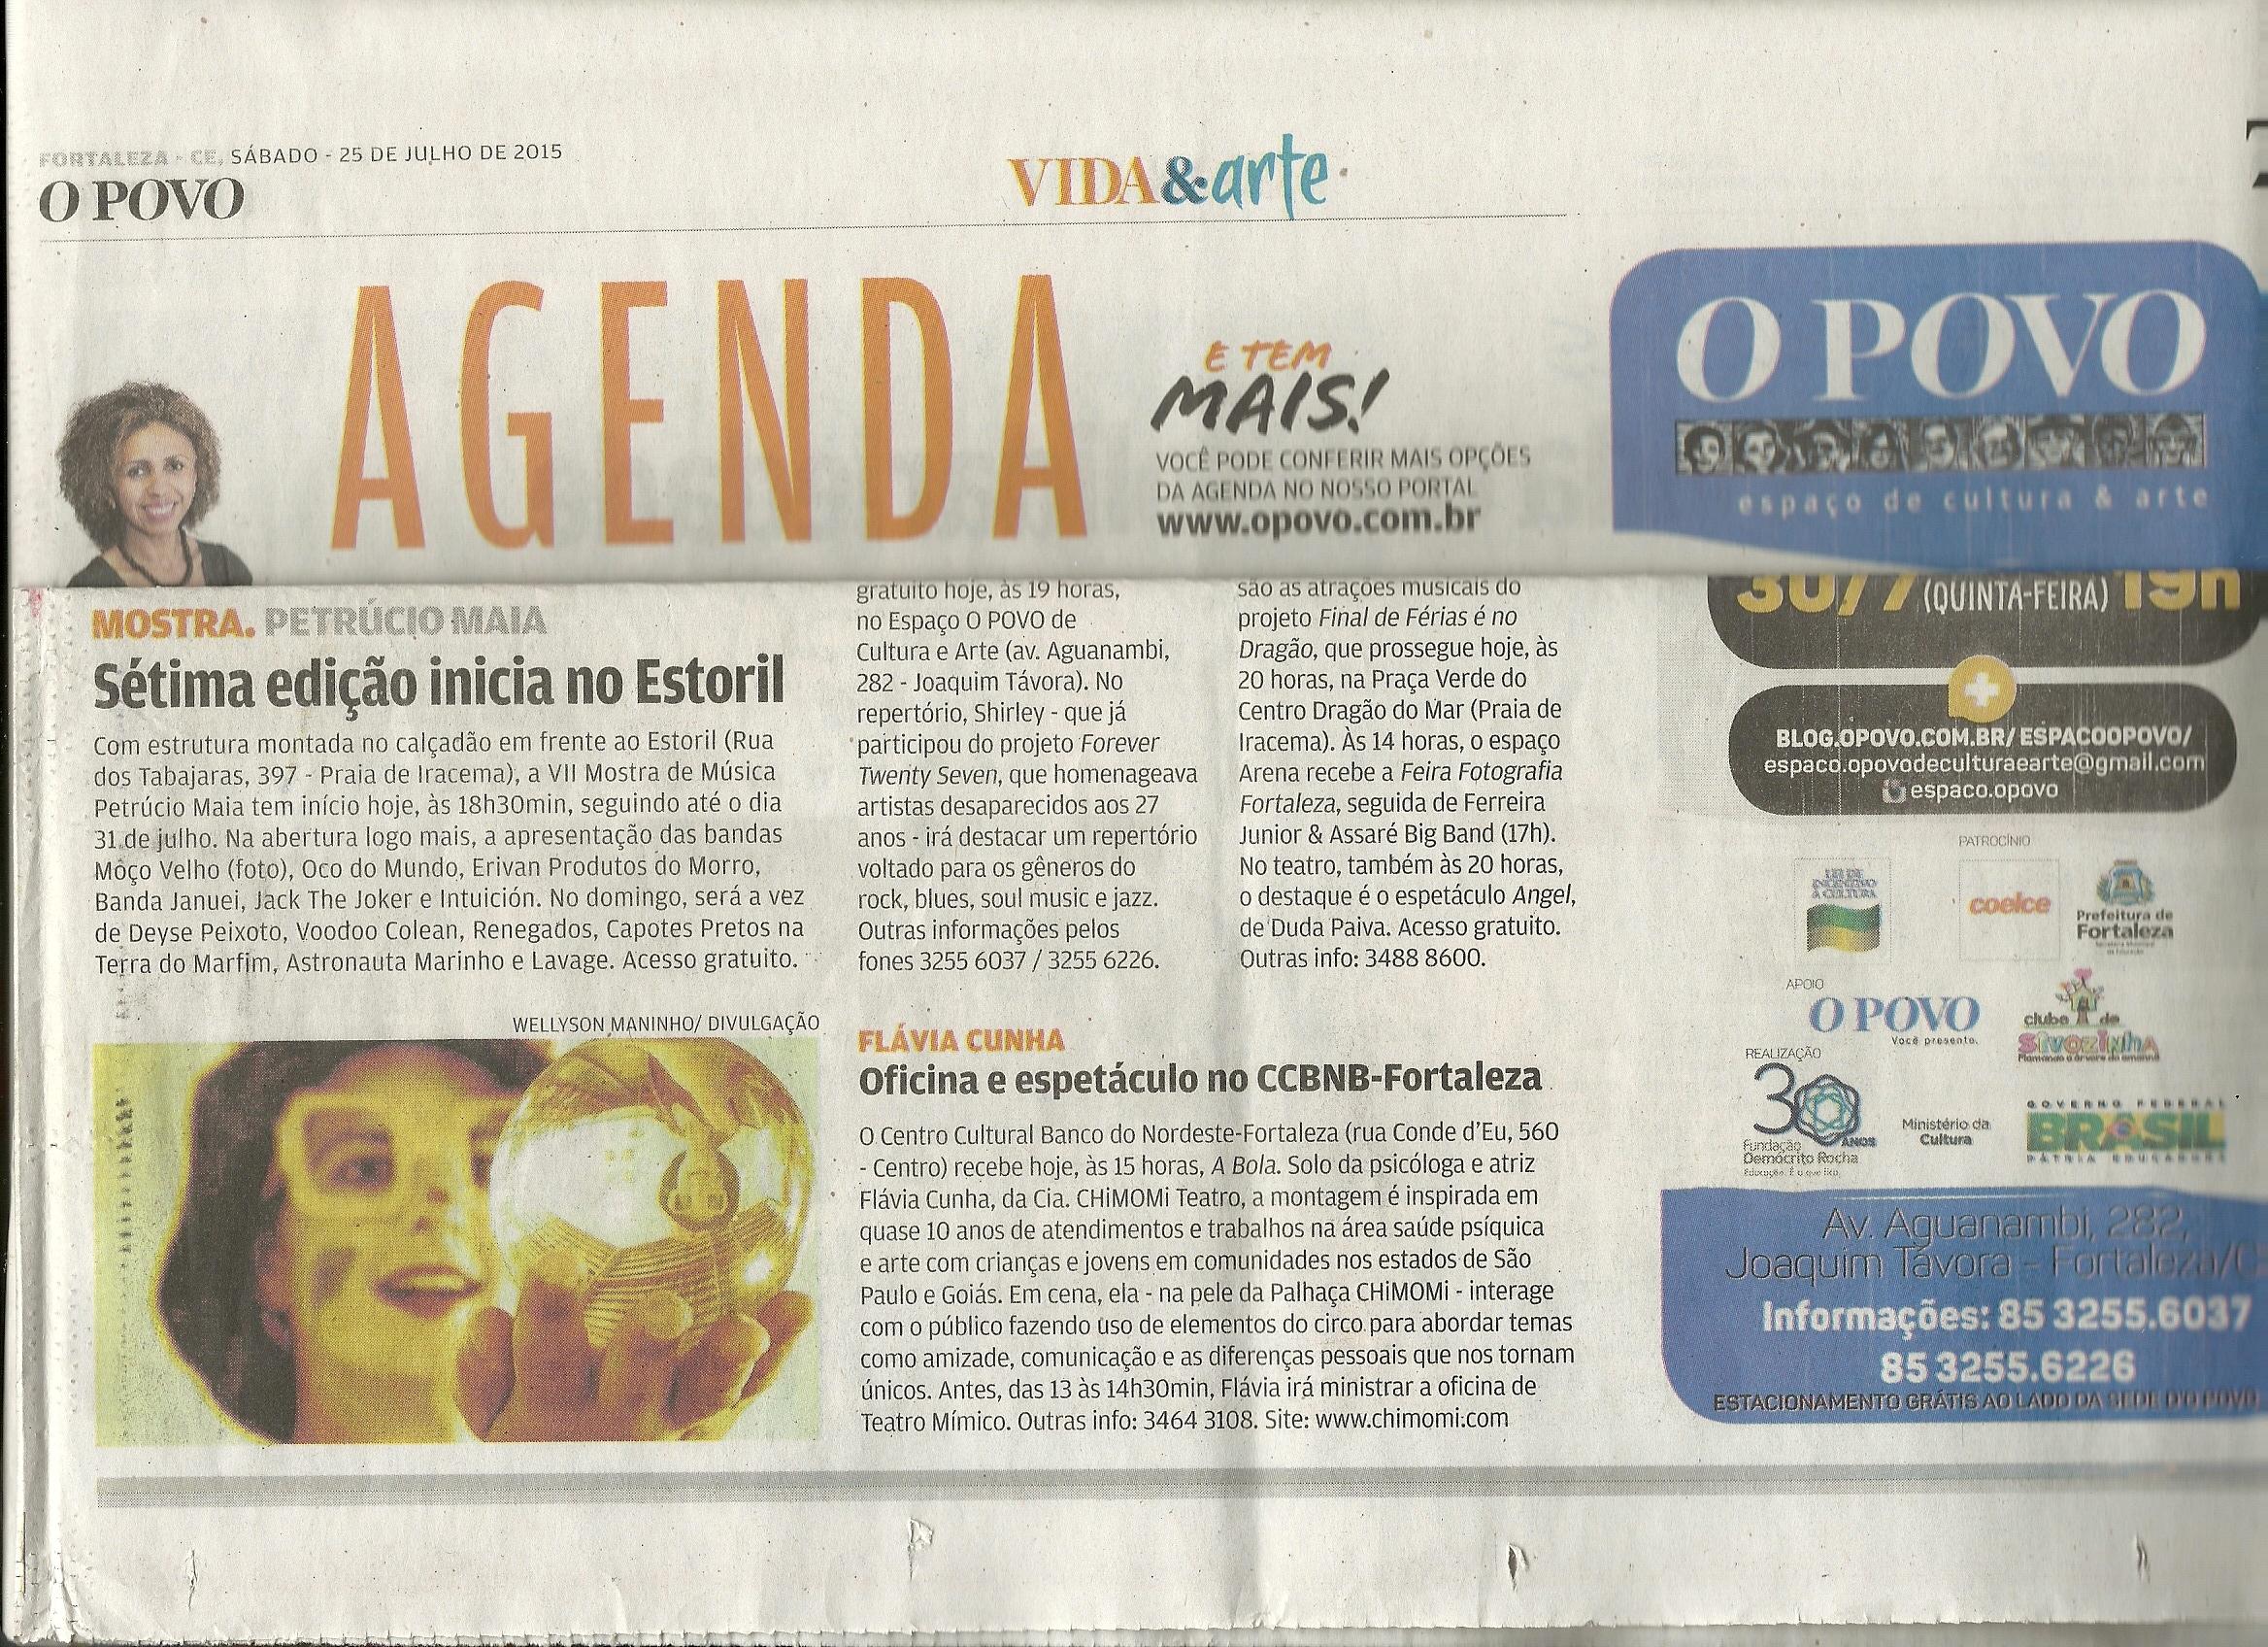 Jornal O POVO, Fortaleza /CE